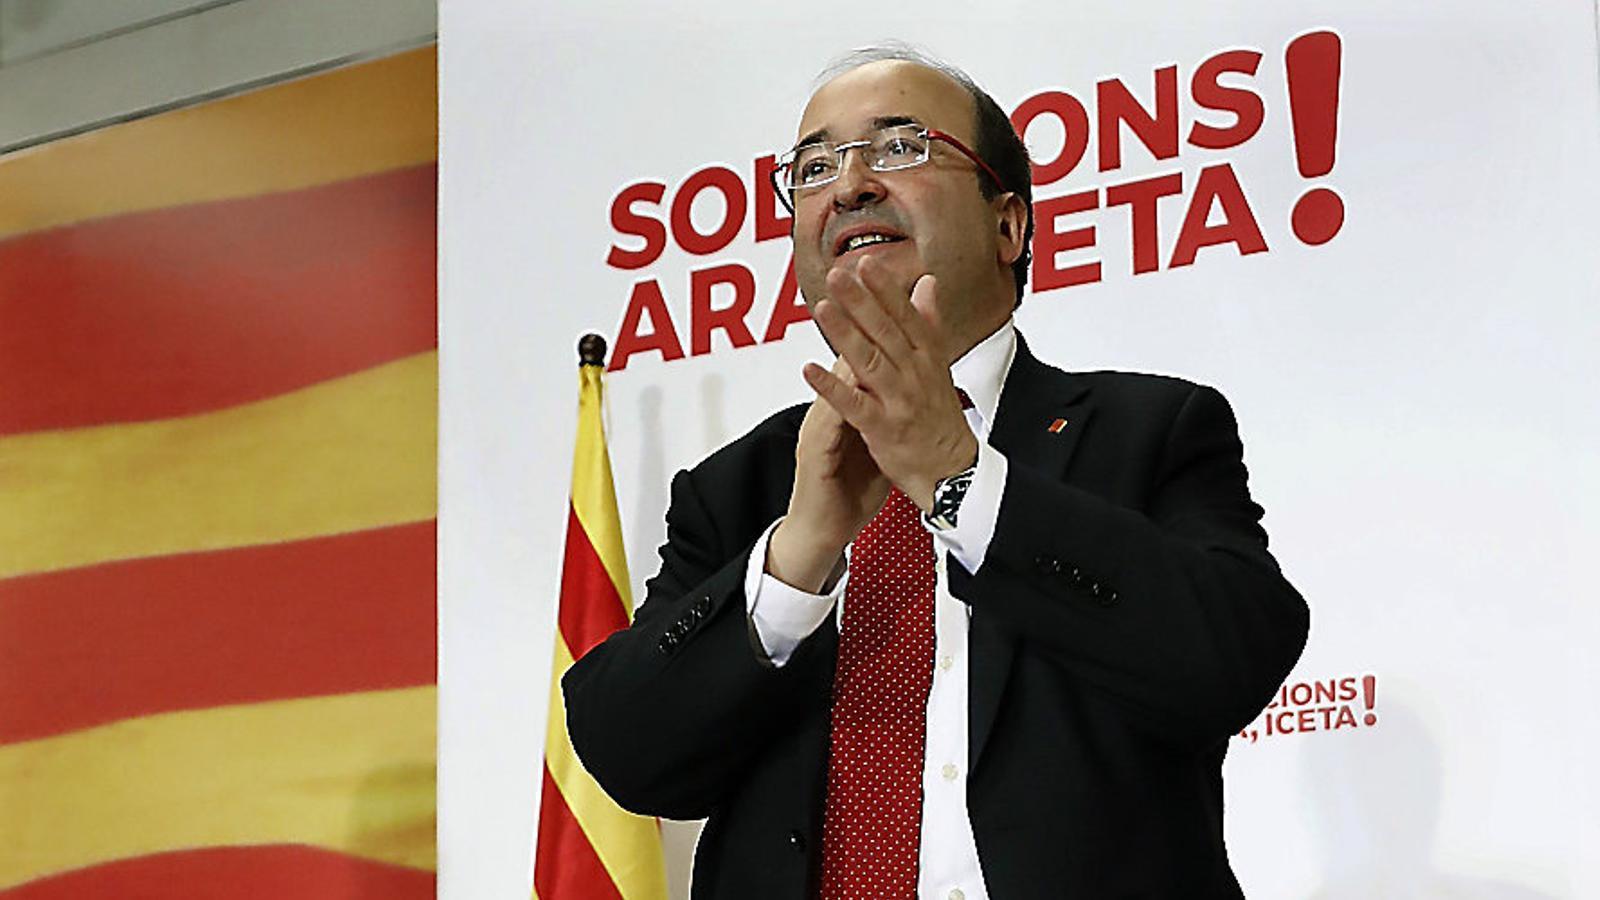 Miquel Iceta va tancar la jornada d'ahir en un acte a Sabadell en què el va acompanyar Pedro Sánchez.